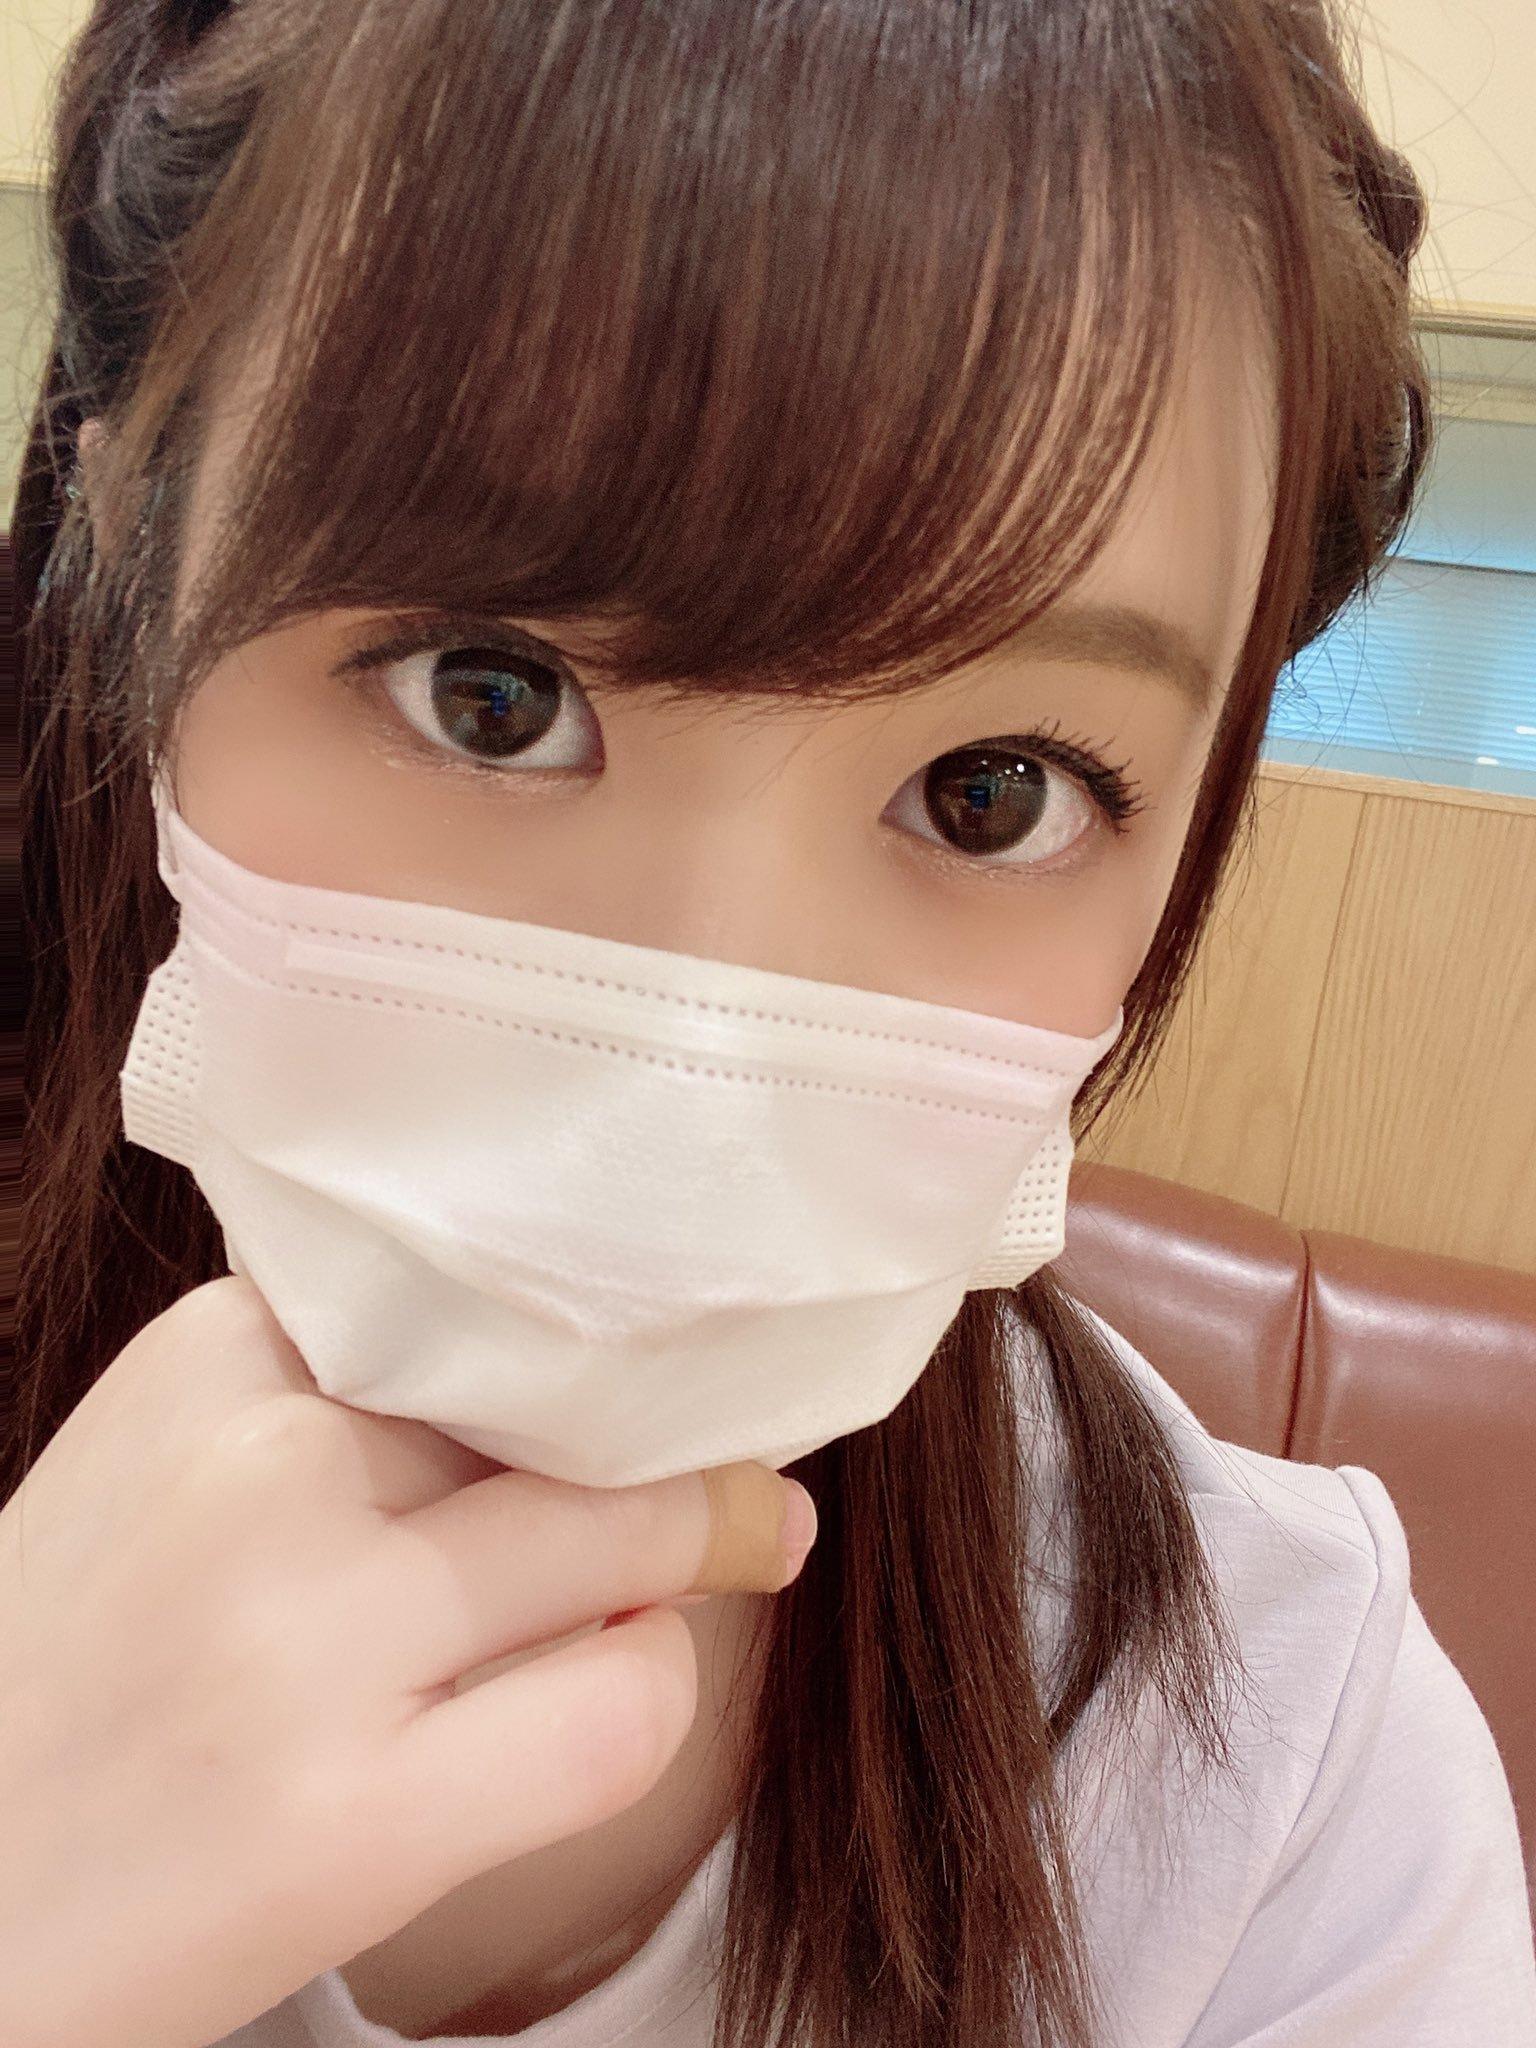 hikari_ninoheee 1256124111761240064_p0